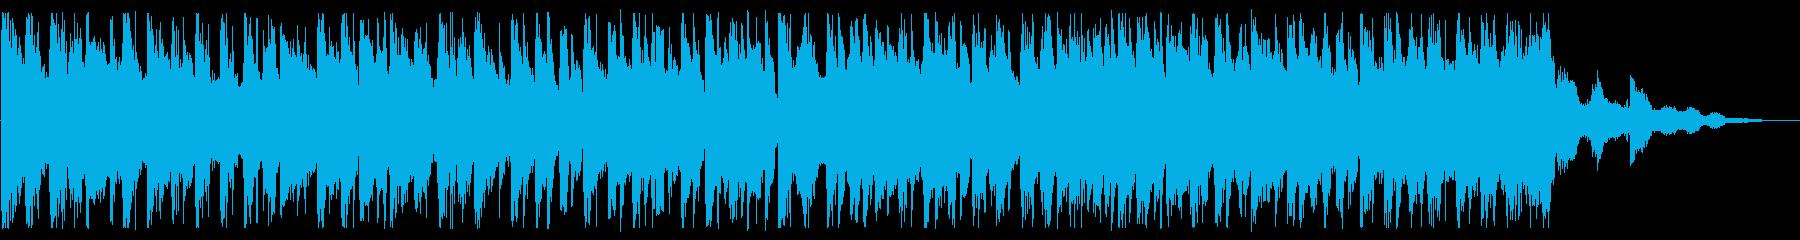 煌びやかなディスコ_No693_4の再生済みの波形